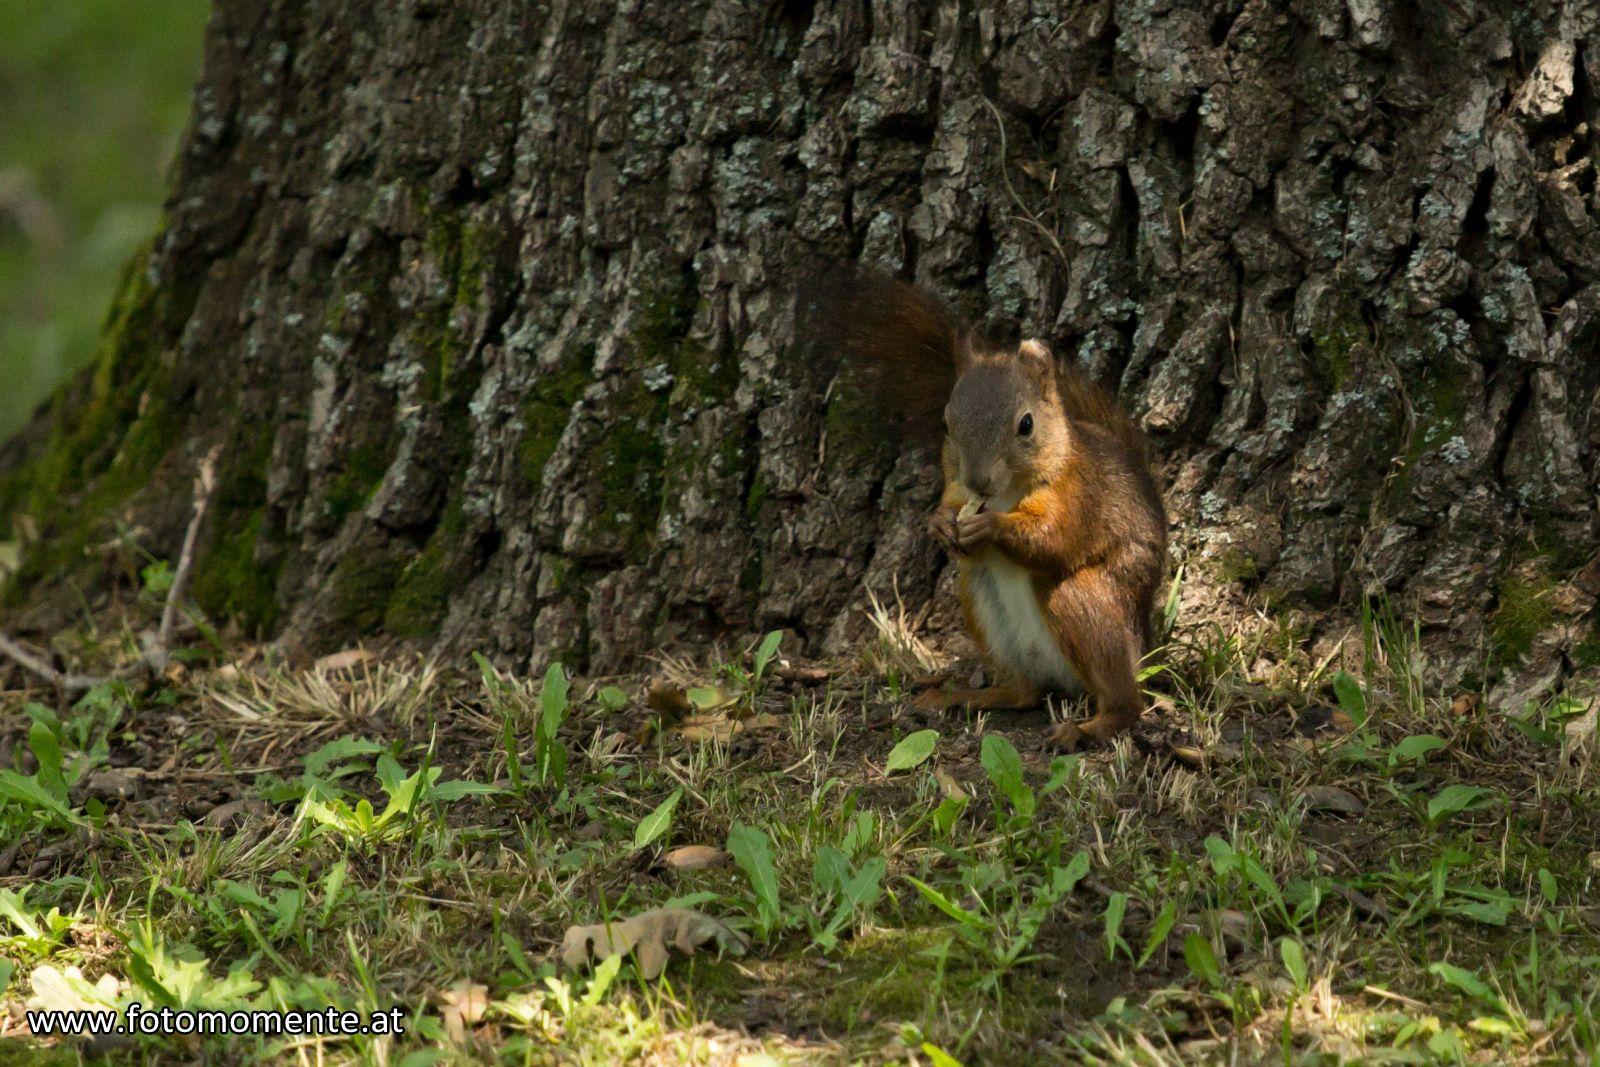 eichhörnchen mit nuss stadtpark graz - Eichhörnchen mit einer Nuss - Stadtpark Graz